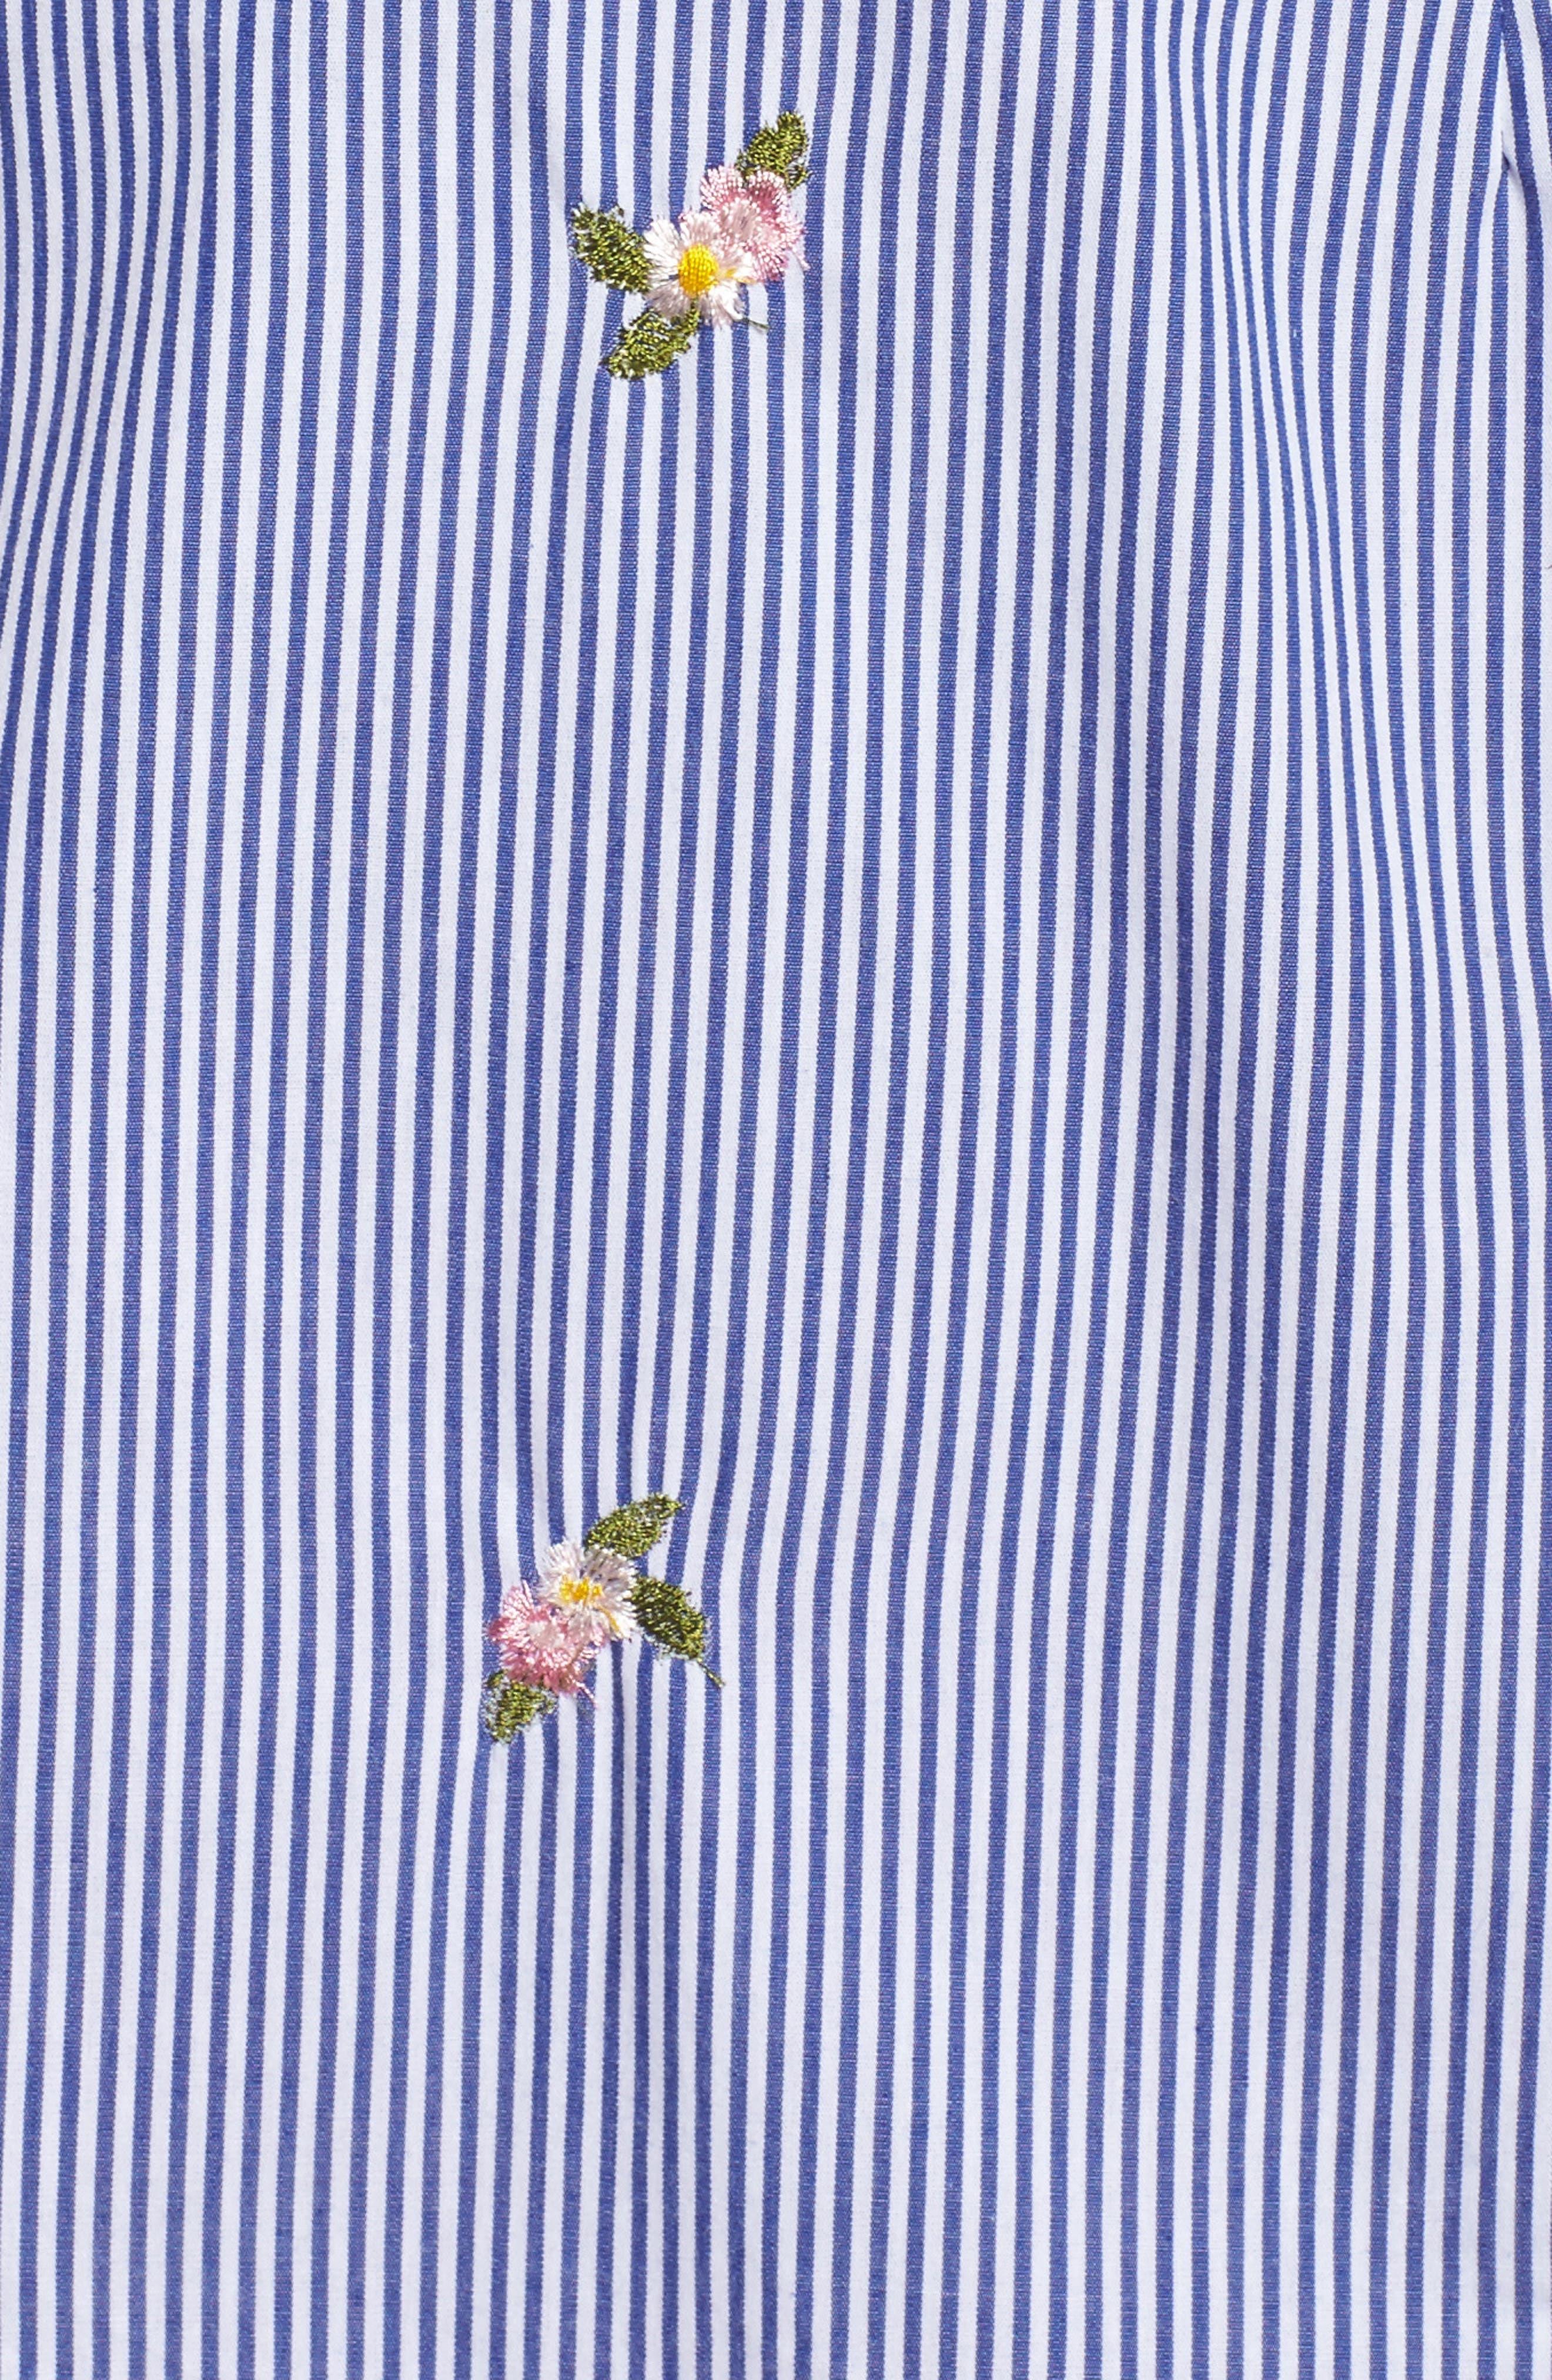 Stripe Bow Front Sundress,                             Alternate thumbnail 6, color,                             Blue/ White